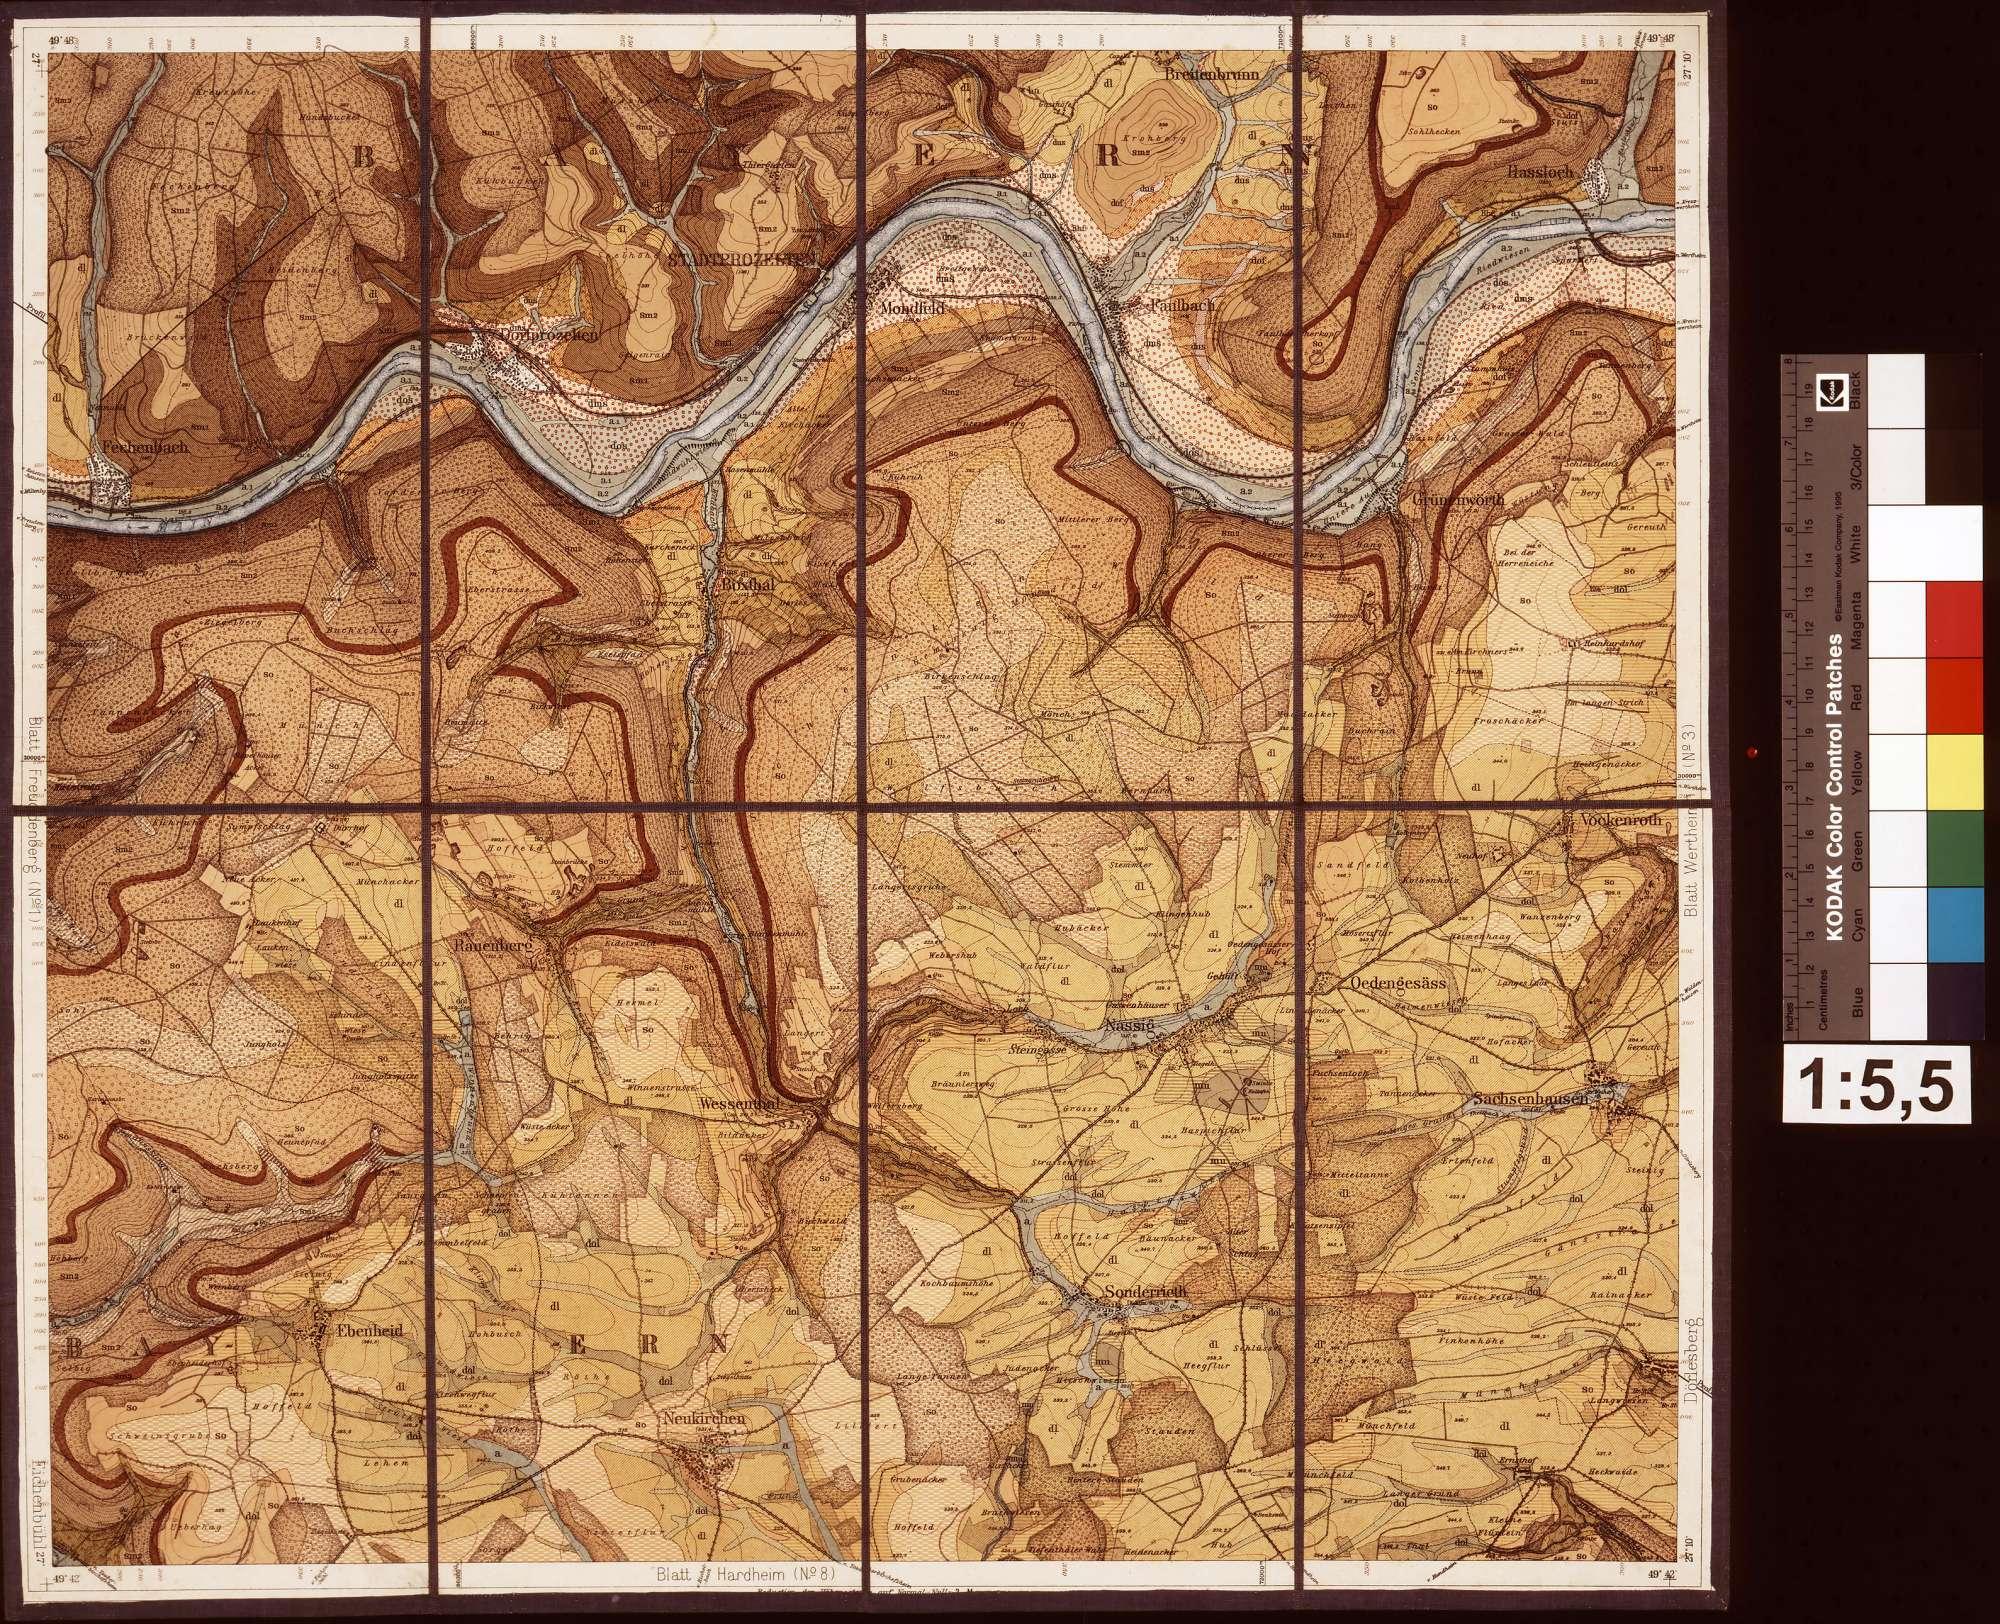 Geologische Spezialkarte von Baden, Blatt Nassig von der Badisch Geologischen Landesanstalt, Bild 1